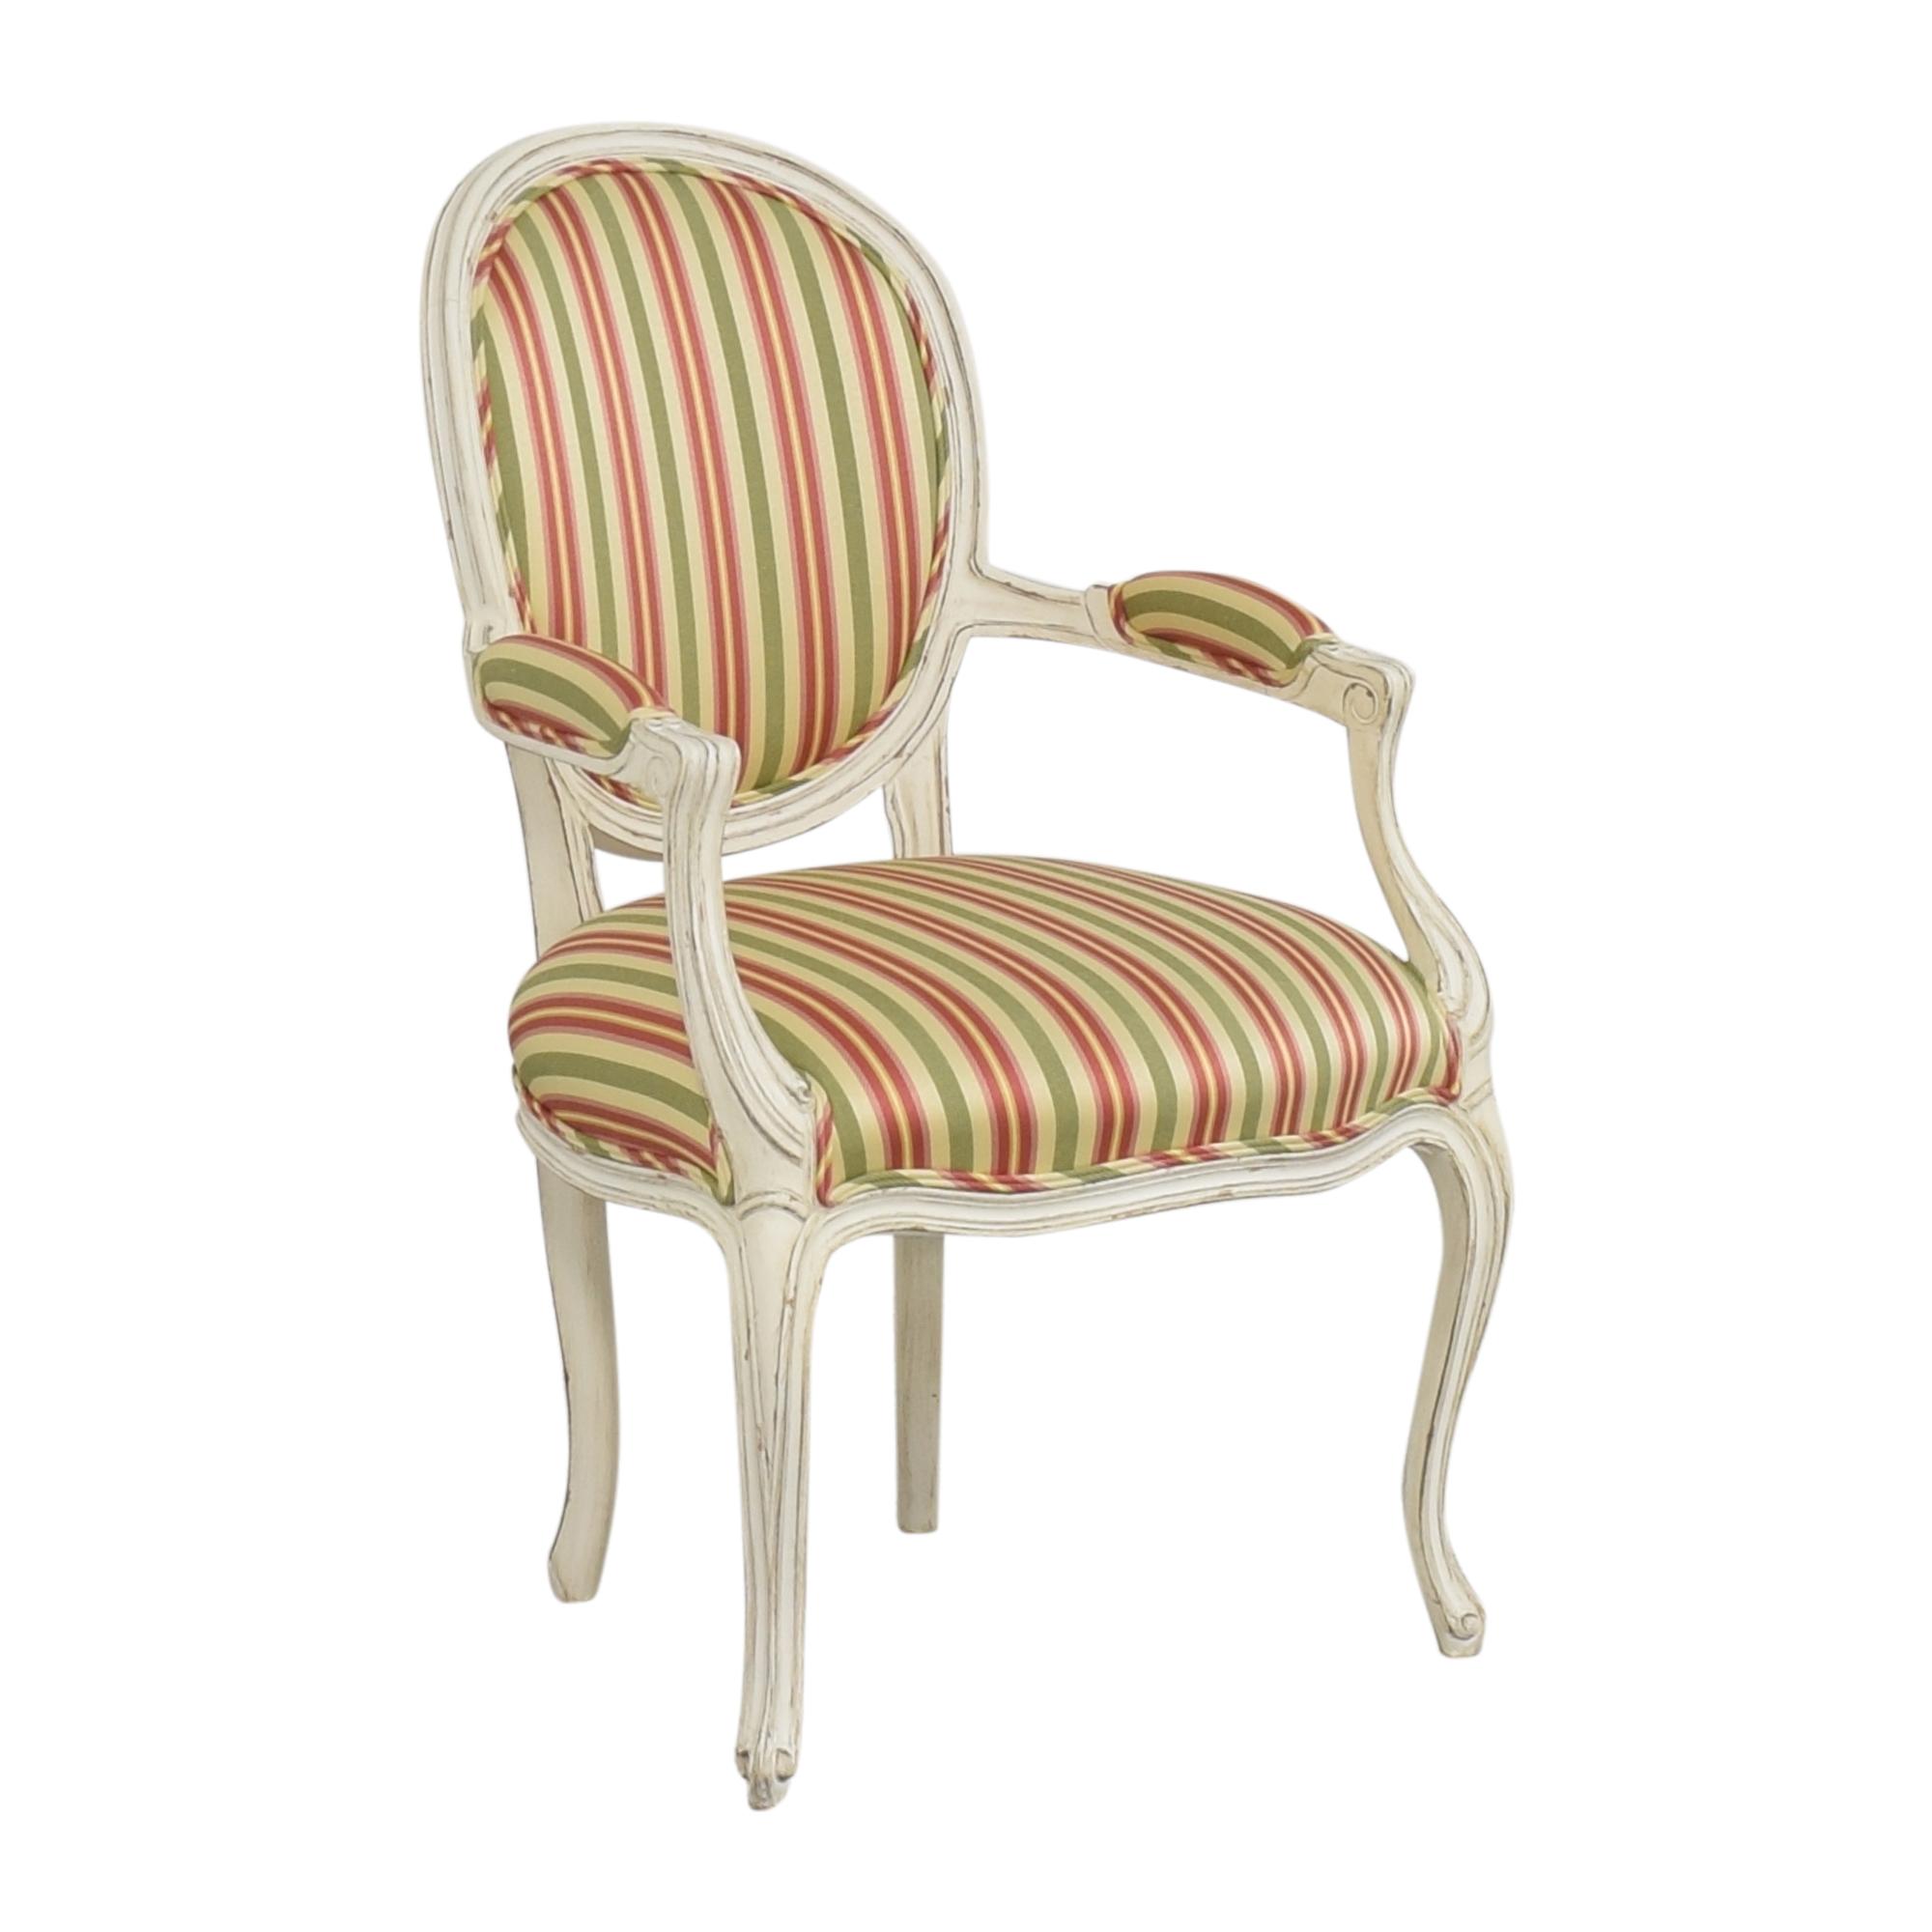 Pearson Pearson Queen Anne Striped Chair used